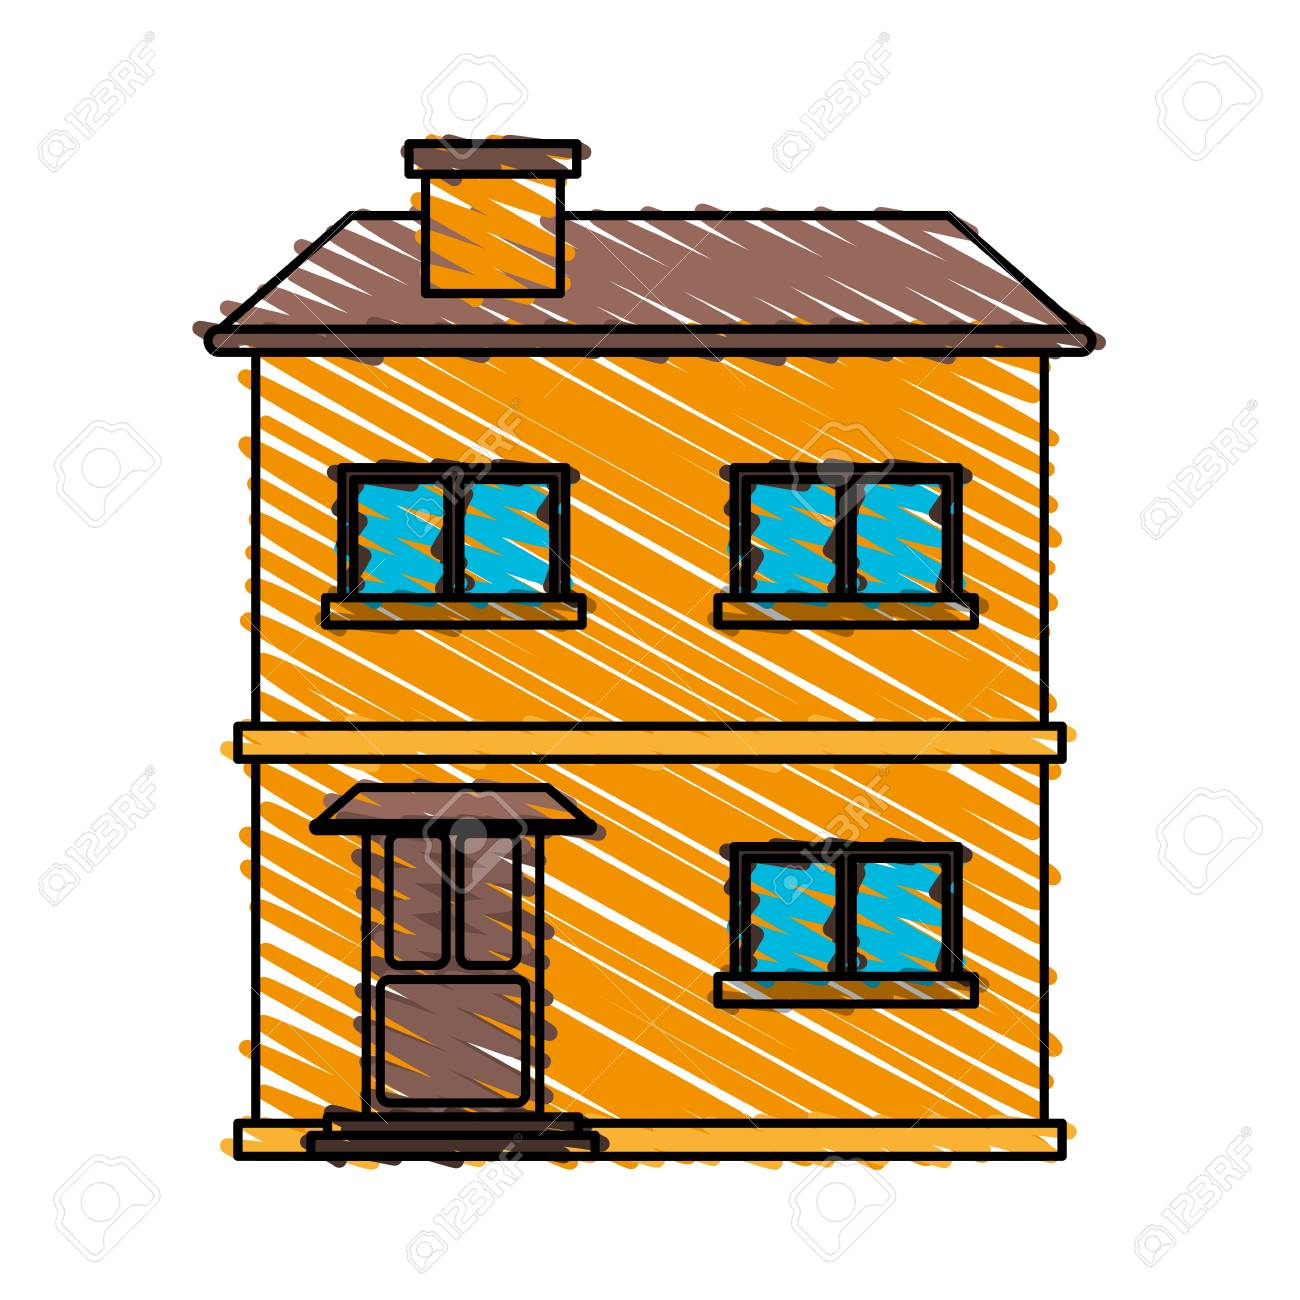 Color Crayón Raya Dibujos Animados Fachada Cómoda Casa Con Dos Pisos Ilustración Vectorial